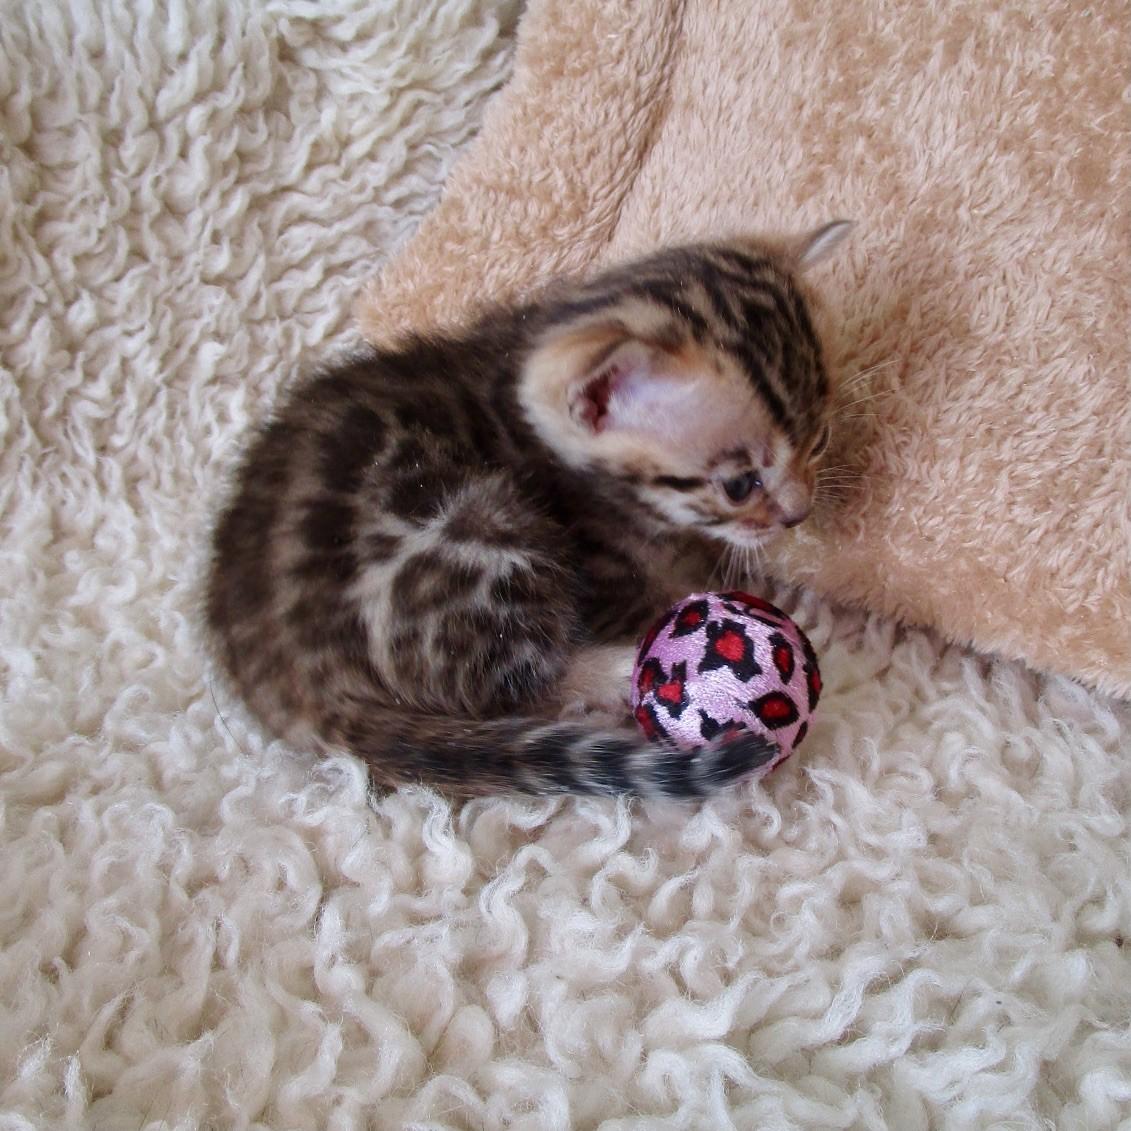 Femelle 2 - 1 mois